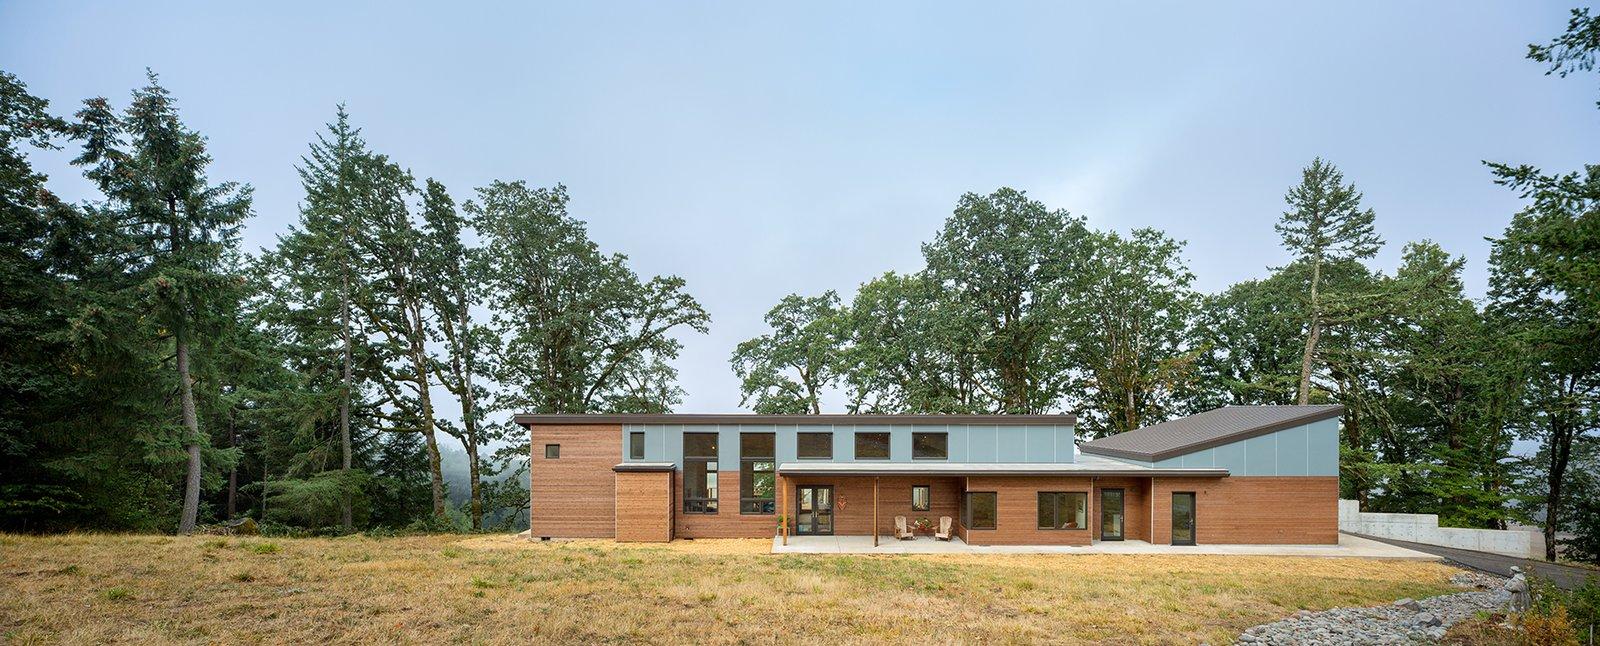 11 Modern Ranch